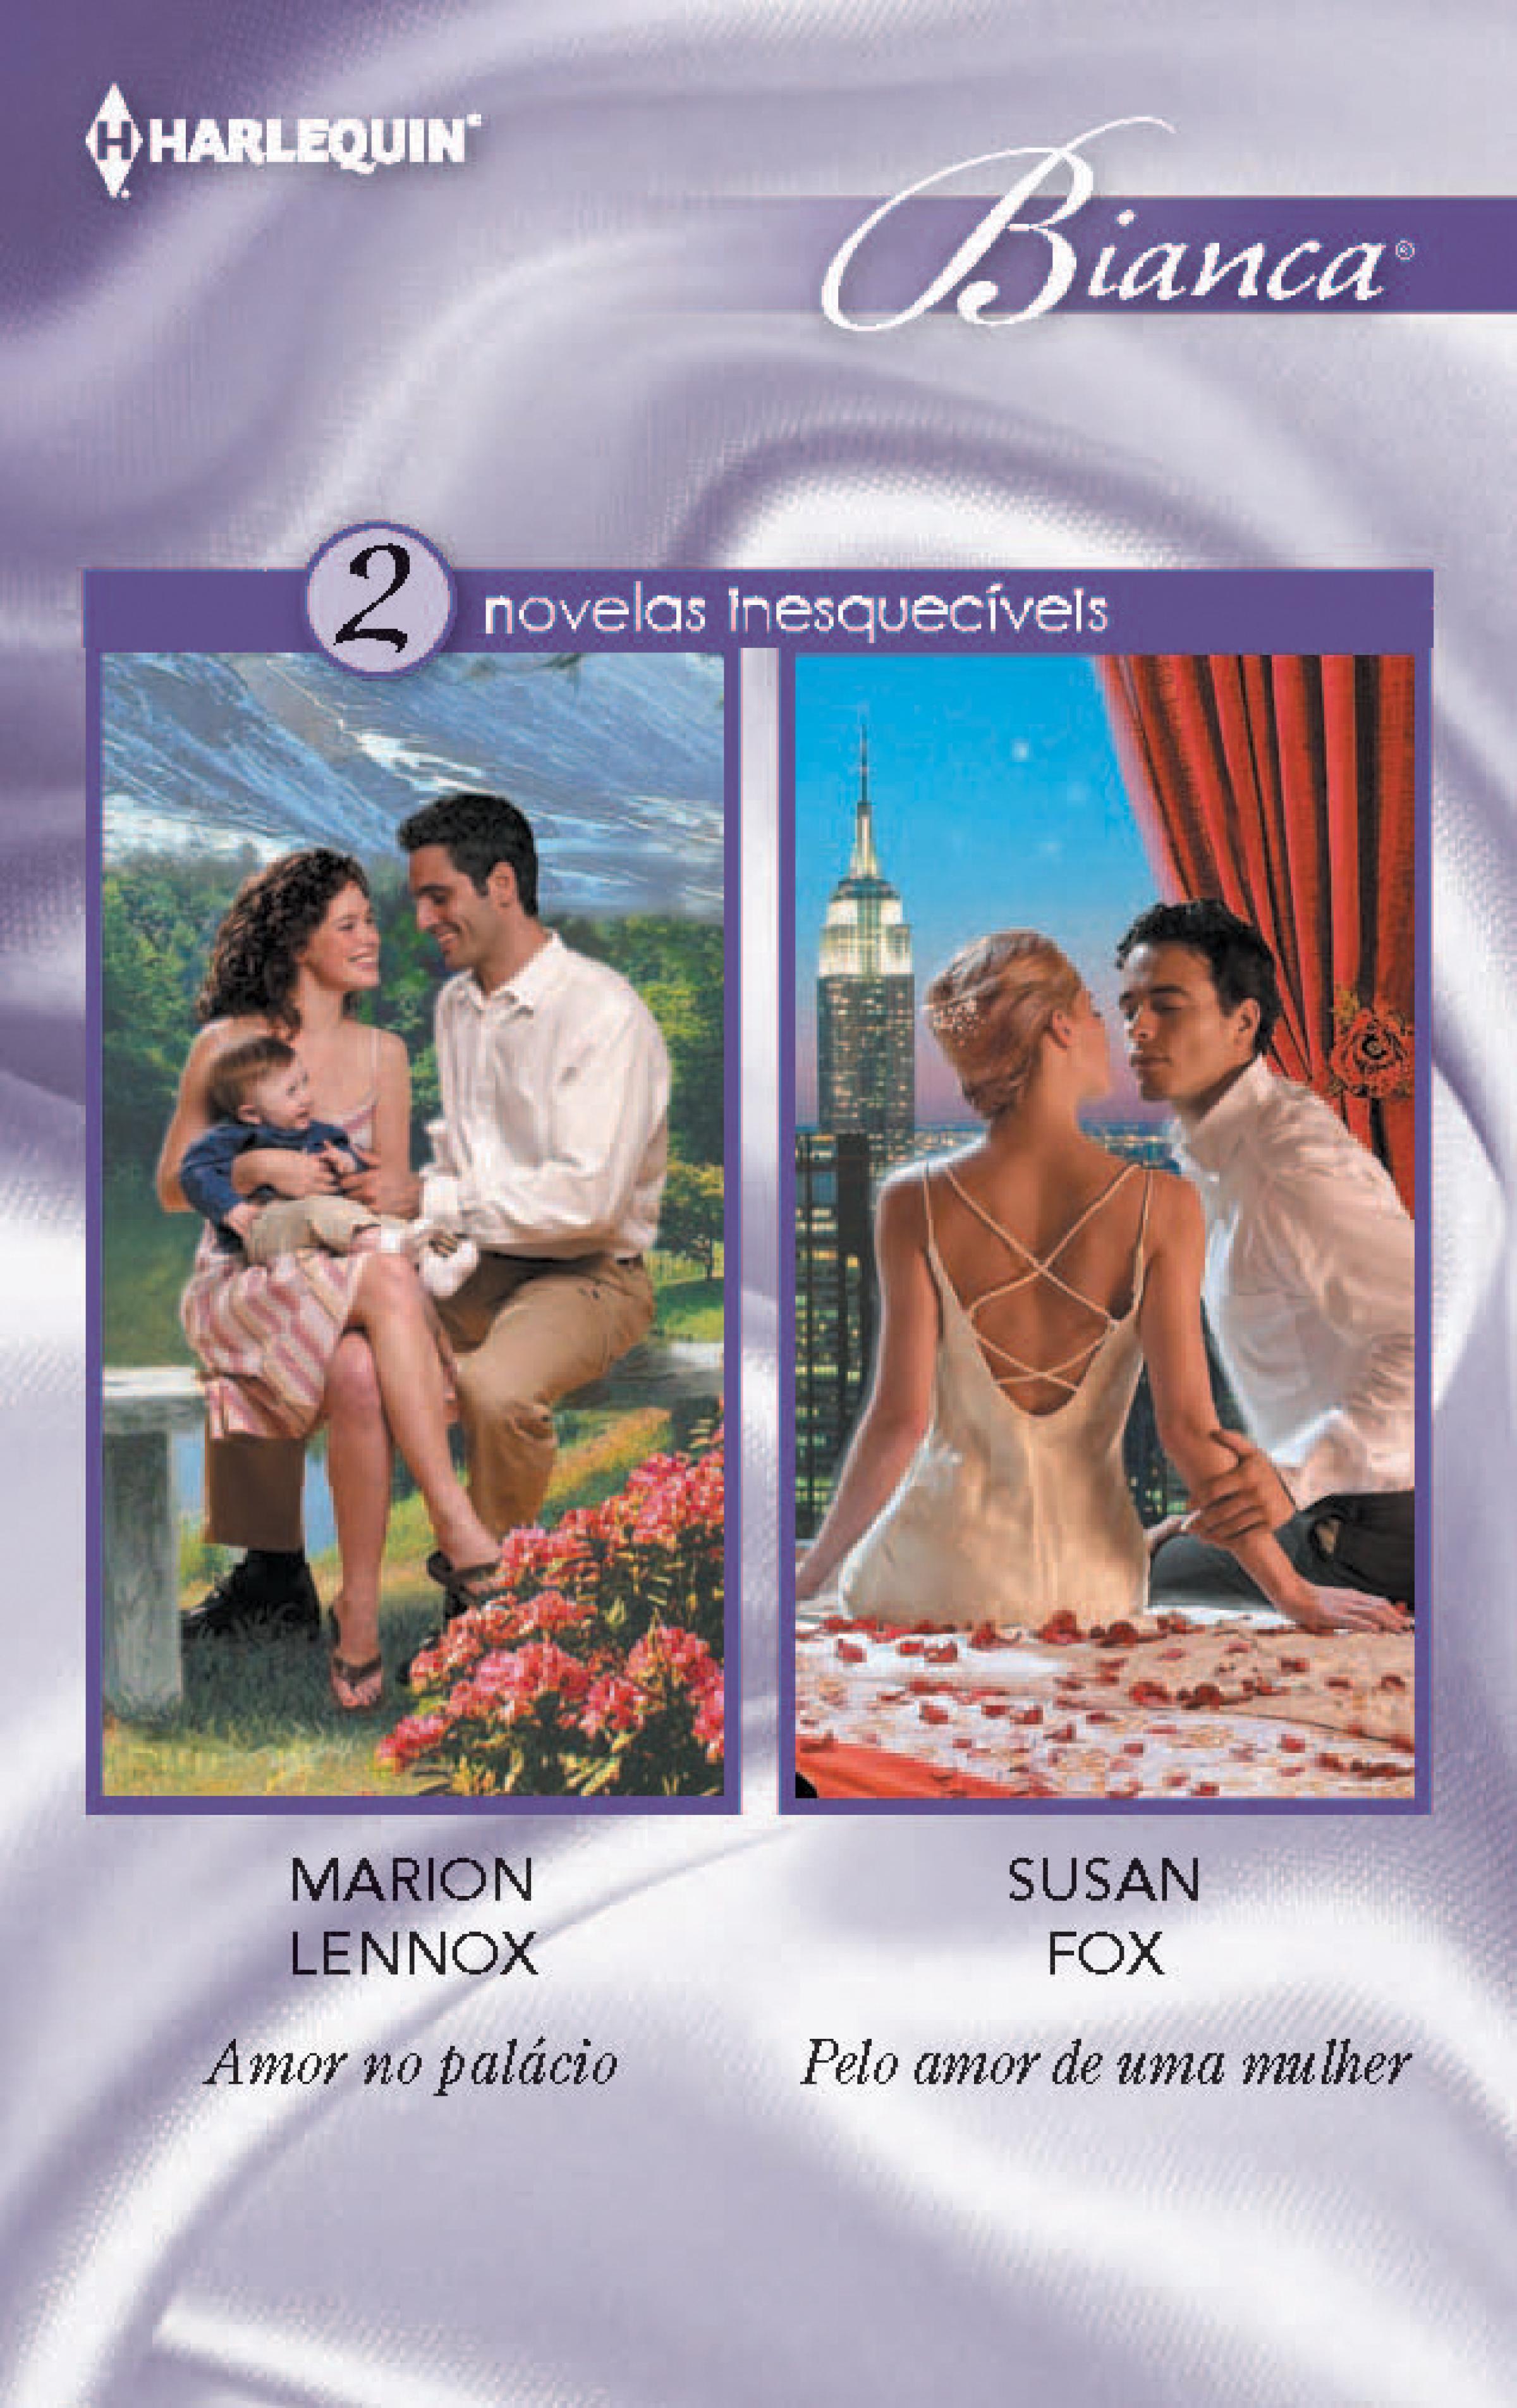 Marion Lennox Amor no palácio - Pelo amor de uma mulher marion lennox o castelo do amor